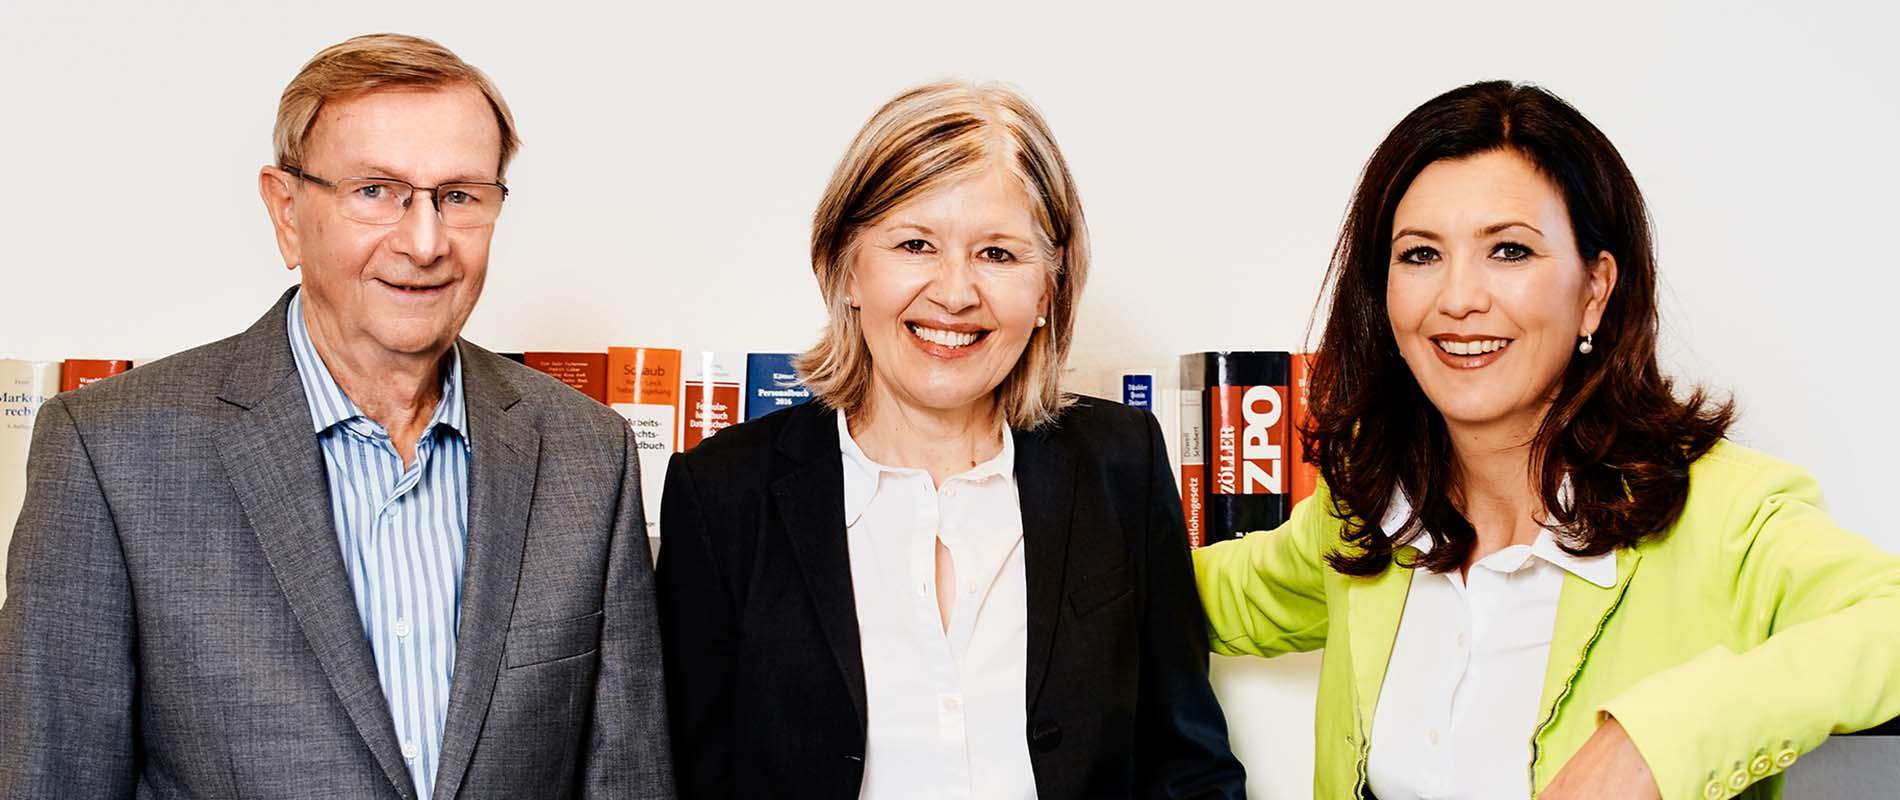 Portrait der Anwälte Werner Erbe, Diana Hopt-Bley, Marianne Hausherr